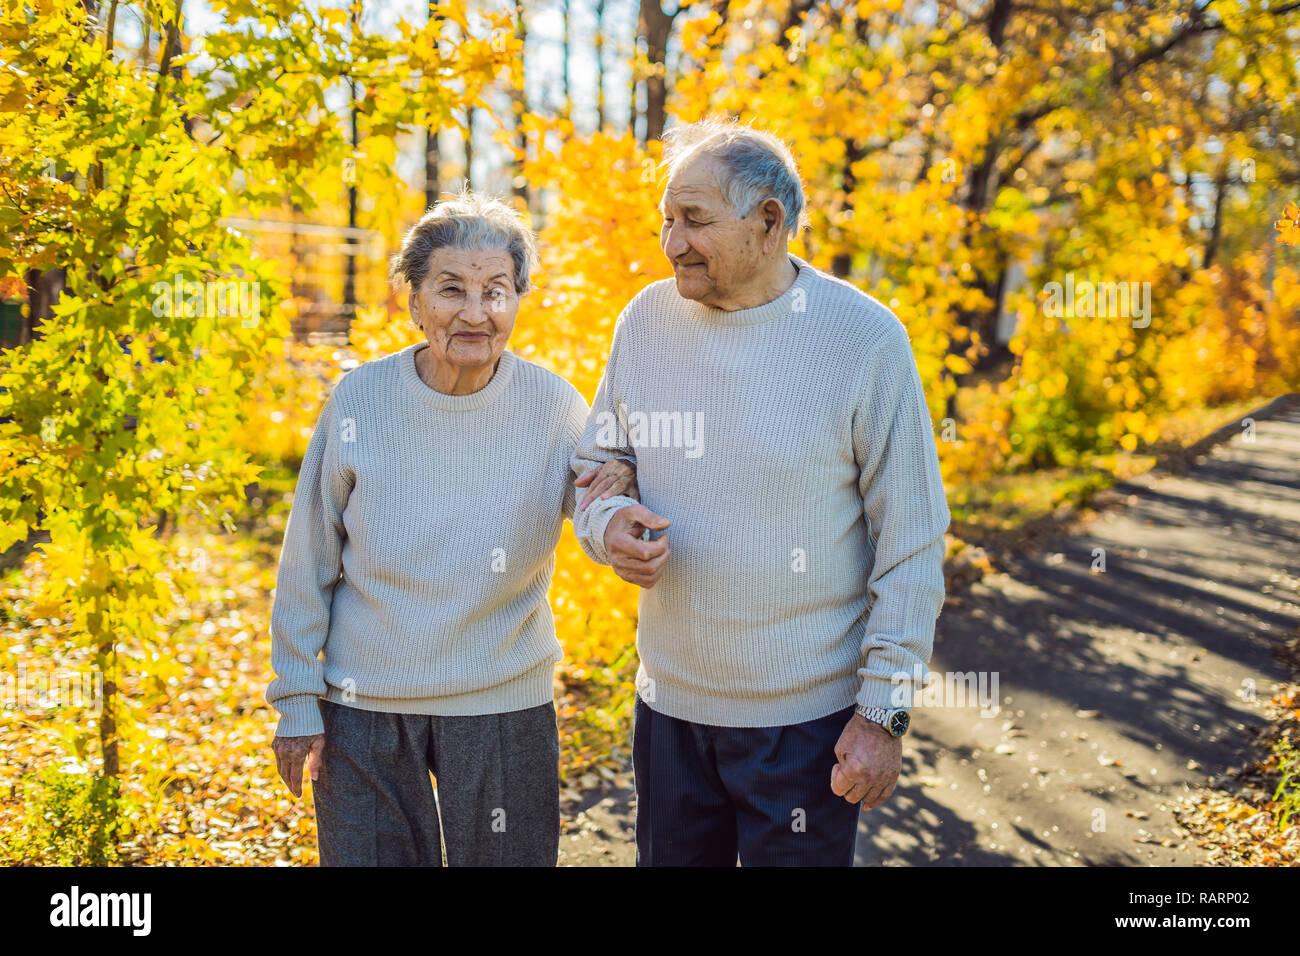 Heureux les personnes âgées dans la forêt d'automne. la famille, l'âge, la saison et les gens concept - happy senior couple marchant sur les arbres d'automne background Banque D'Images